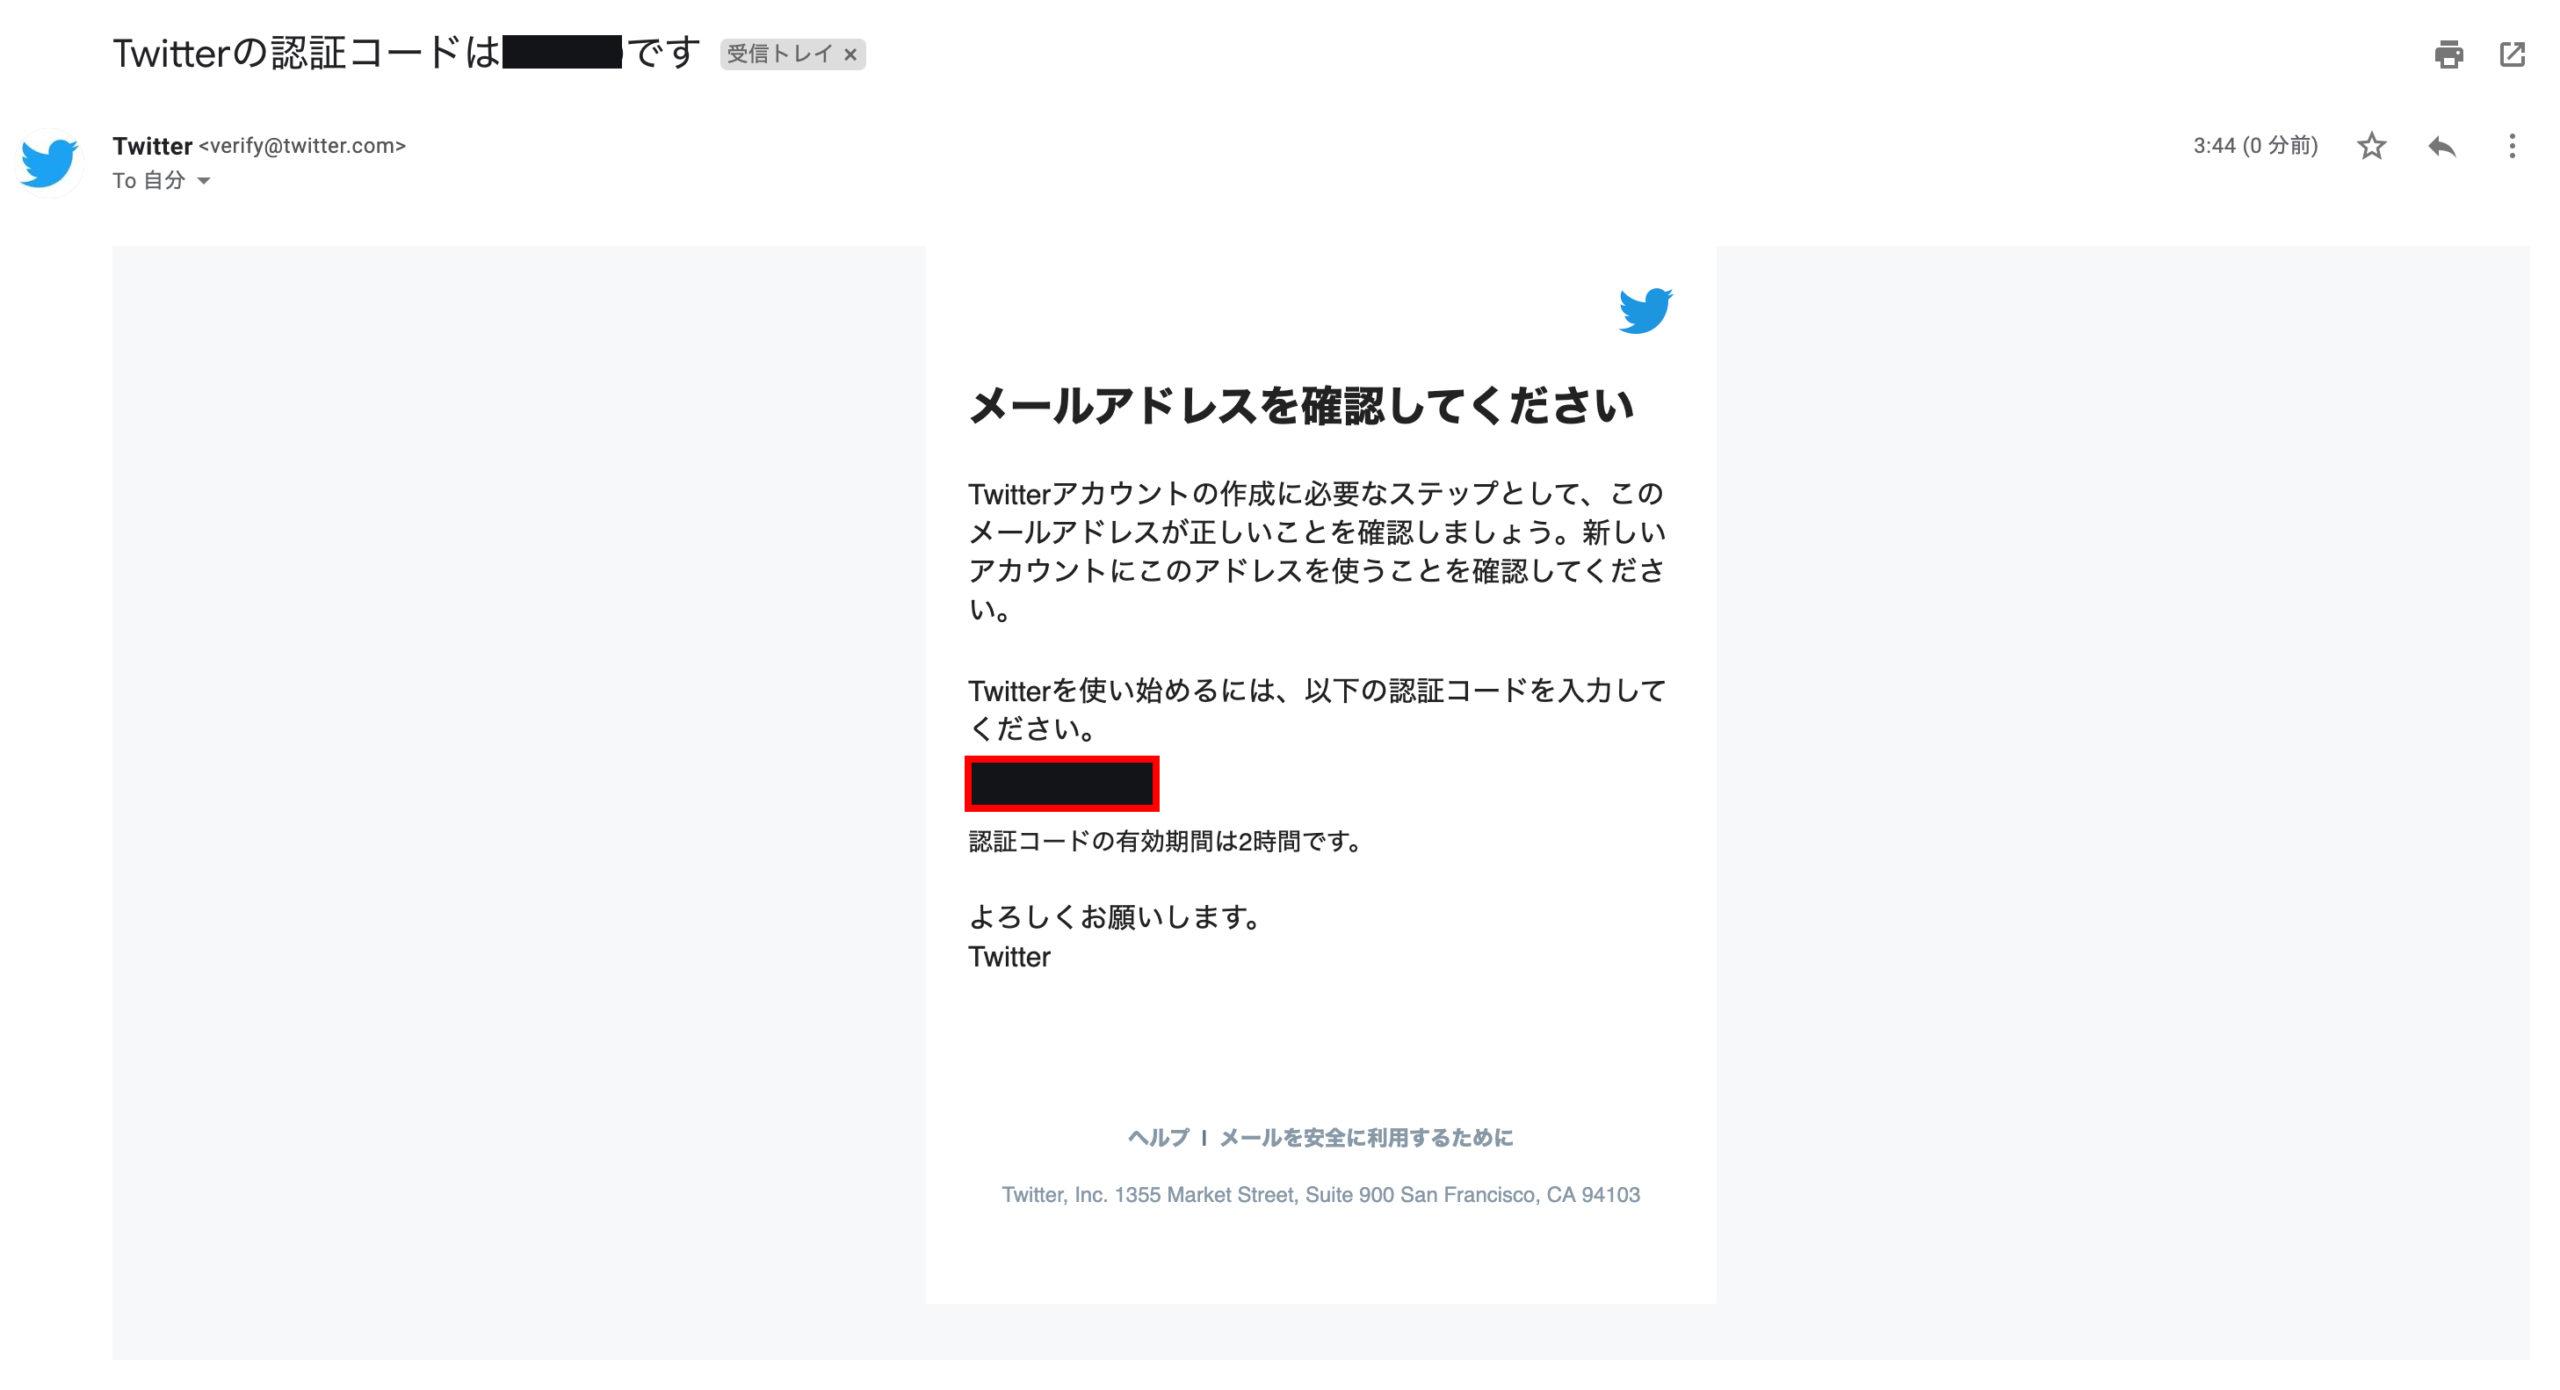 Twitterのパスコードを発行